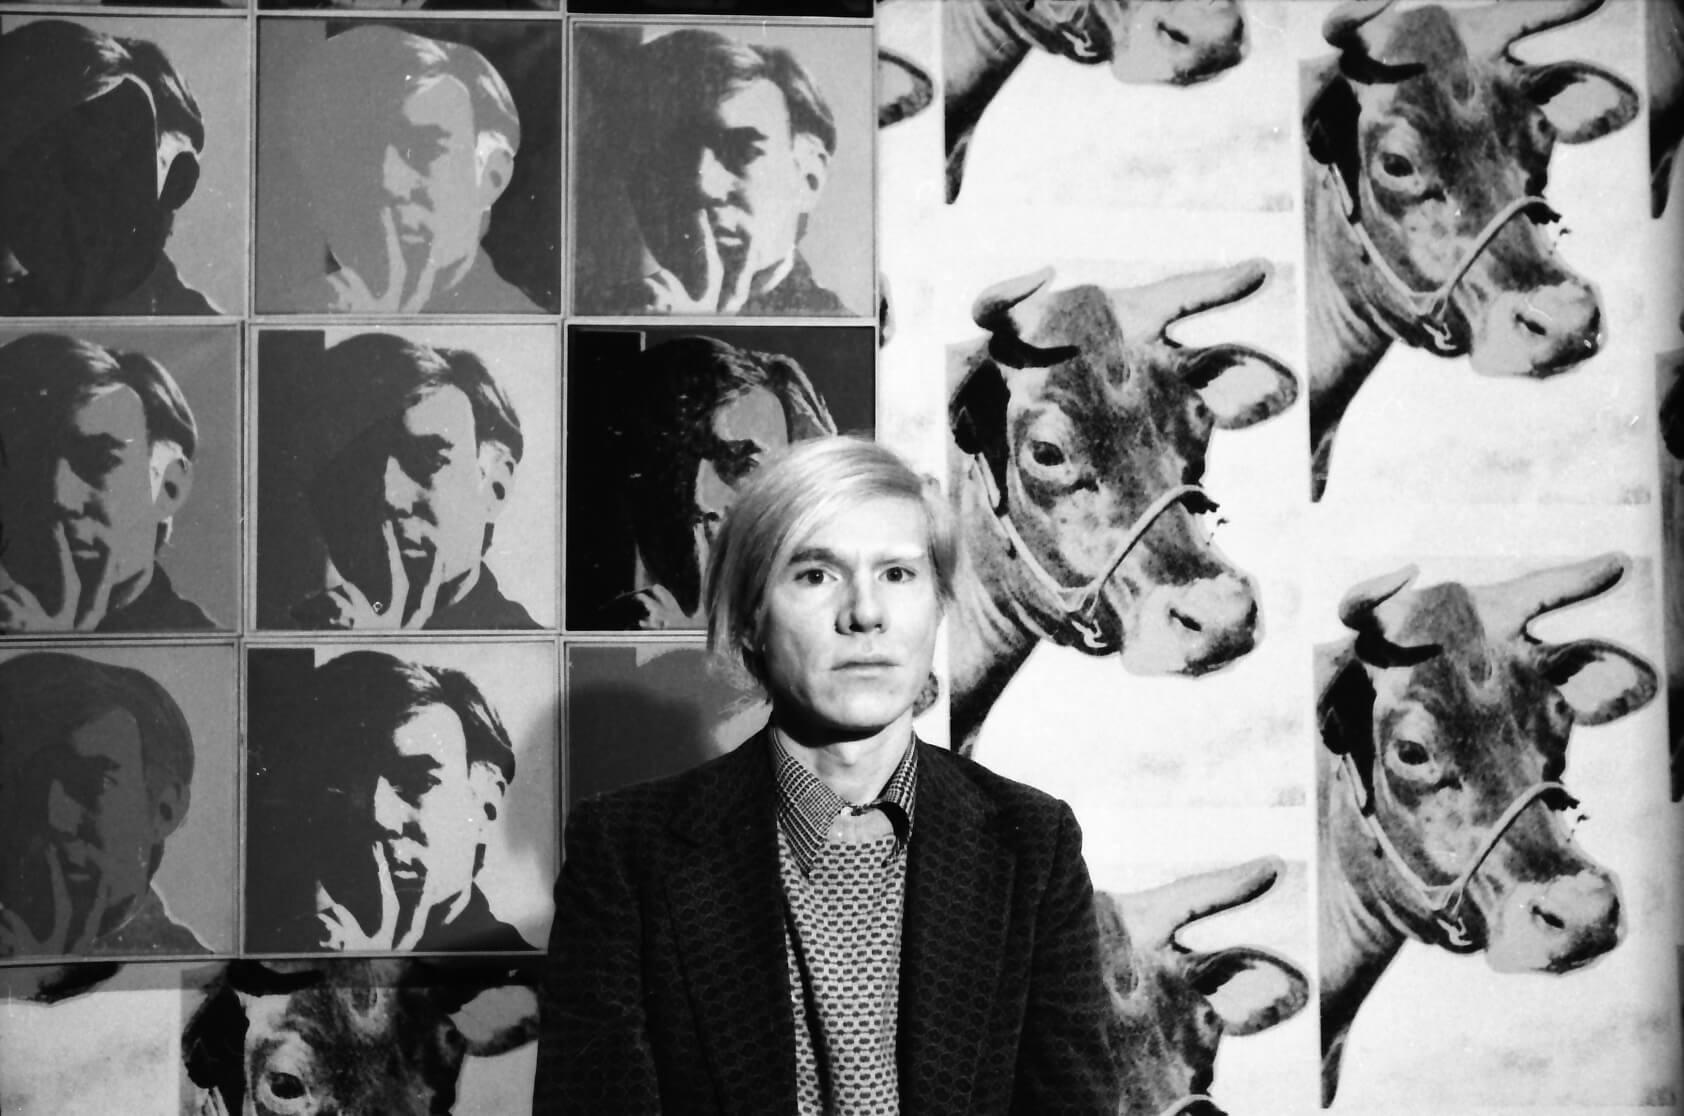 Andy Warhol at his May 1971